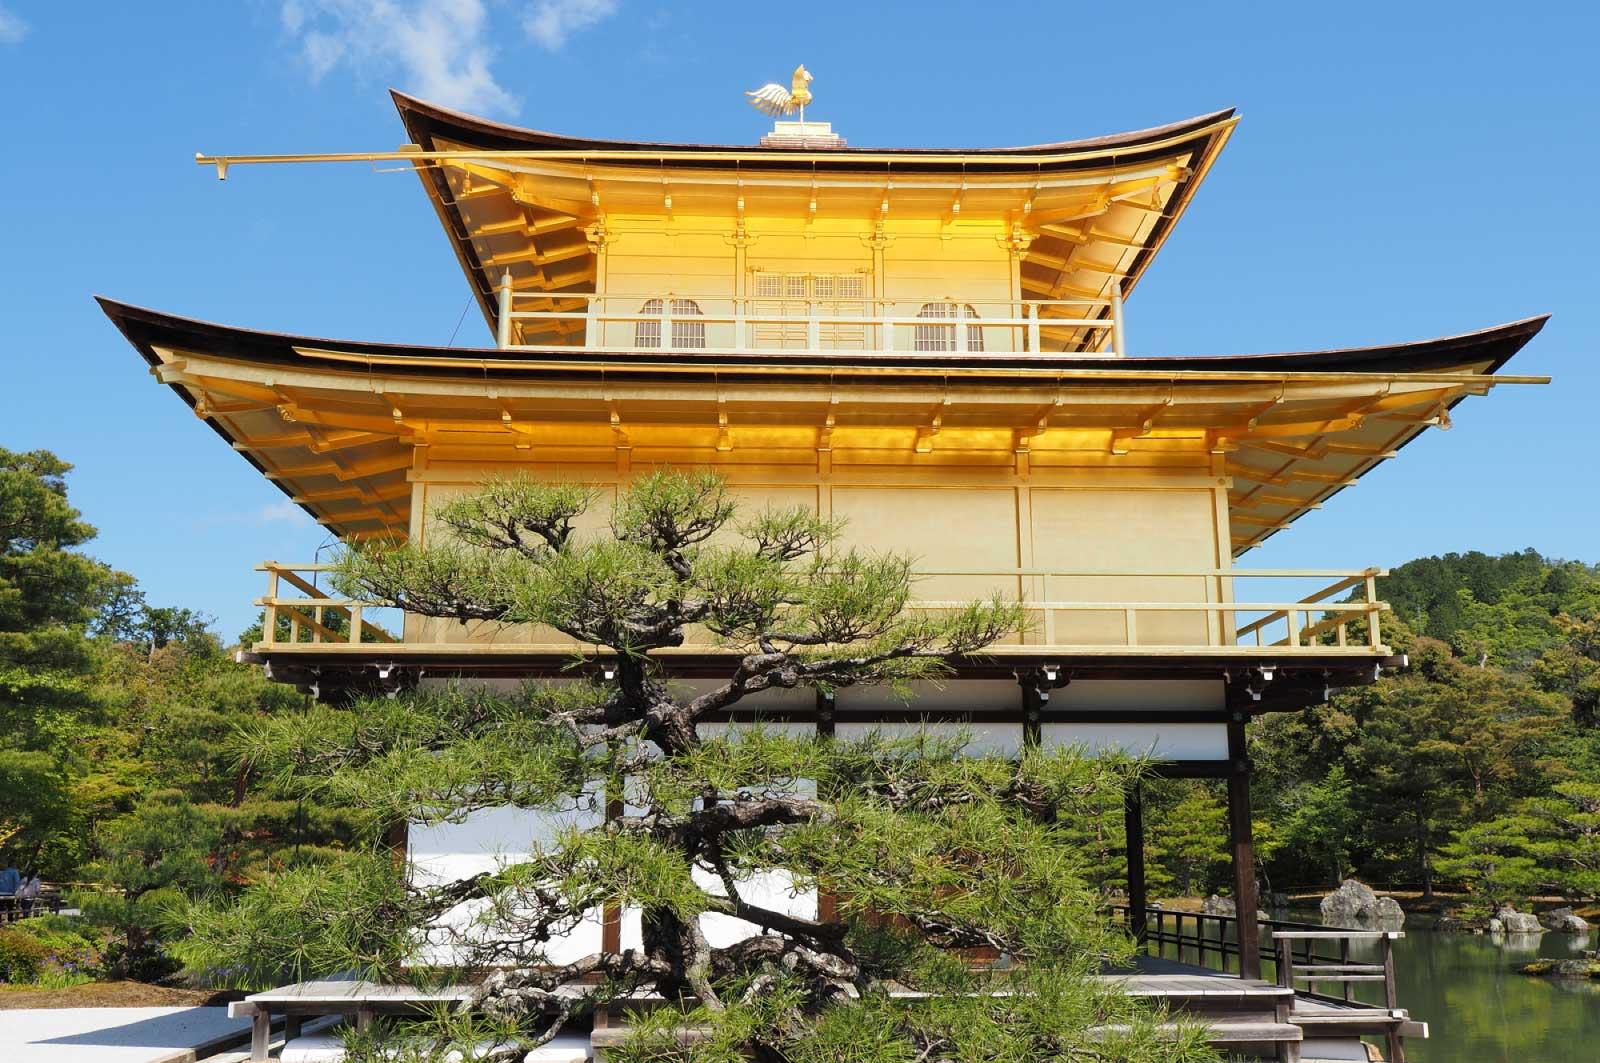 金閣寺(横からのショット)